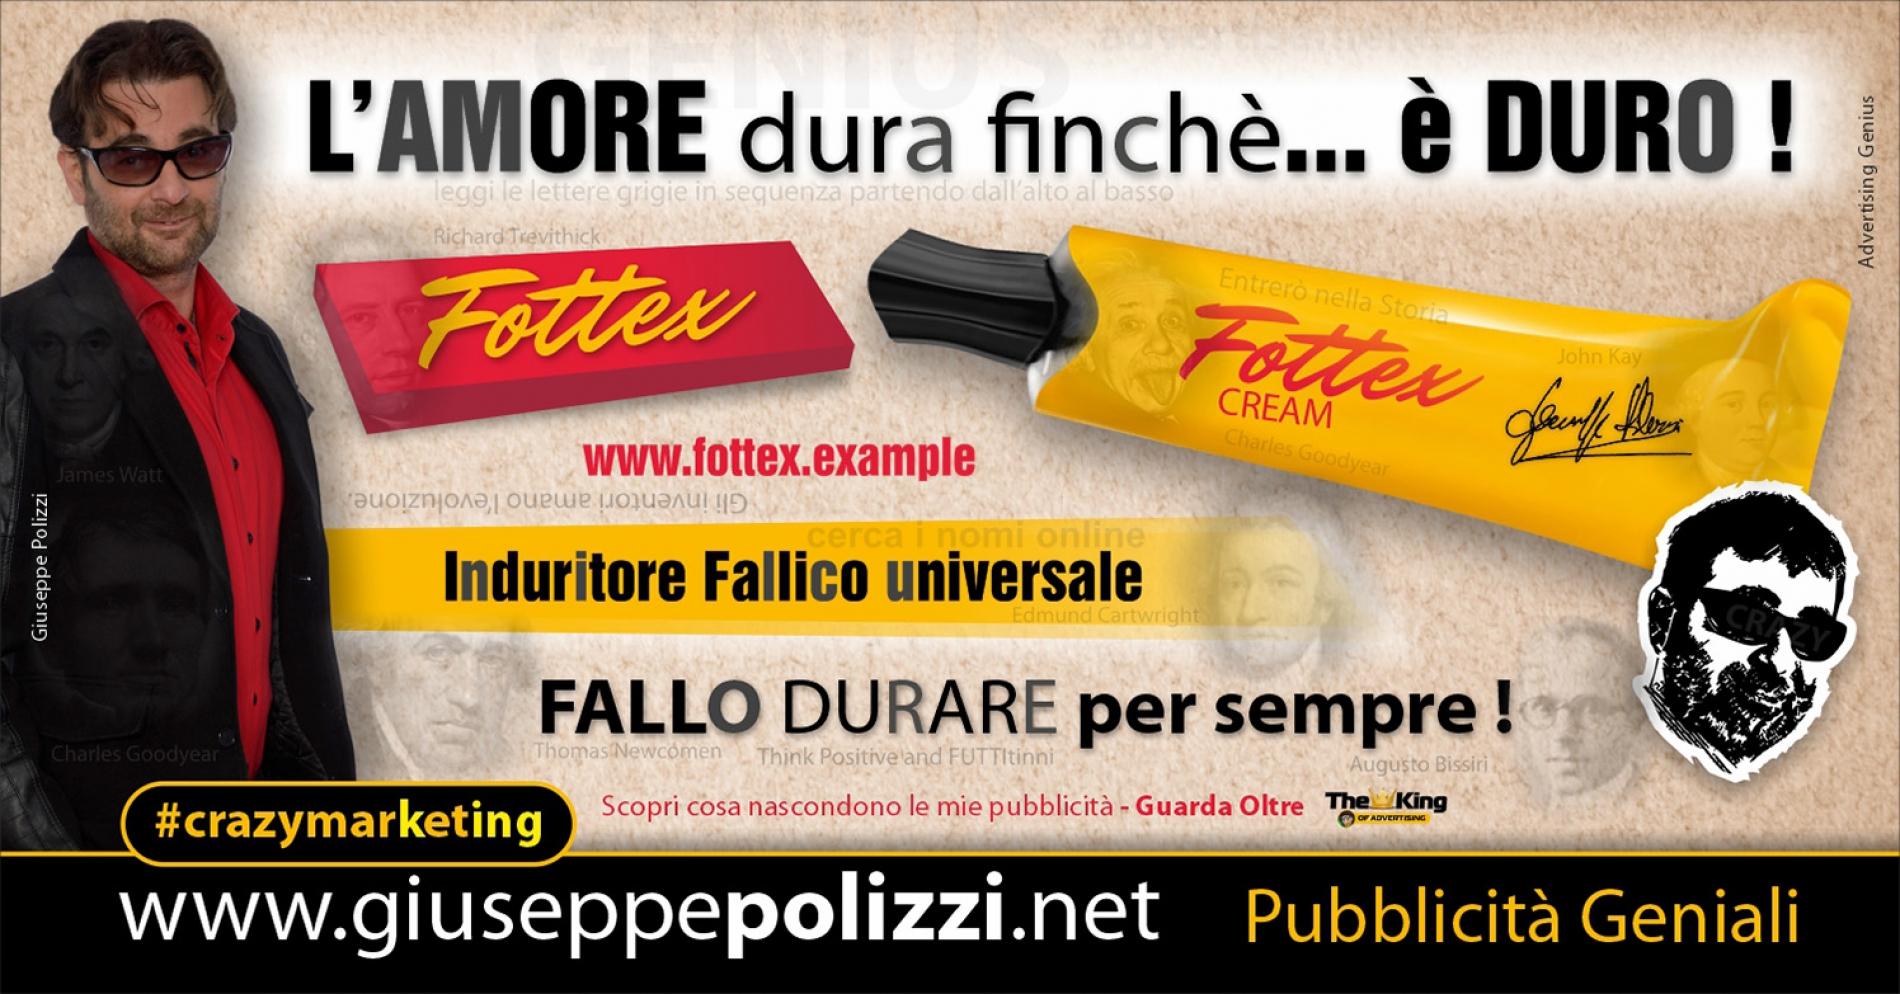 Giuseppe Polizzi Crazymarketing L'amore DURA finchè è DURO pubblicità geniali